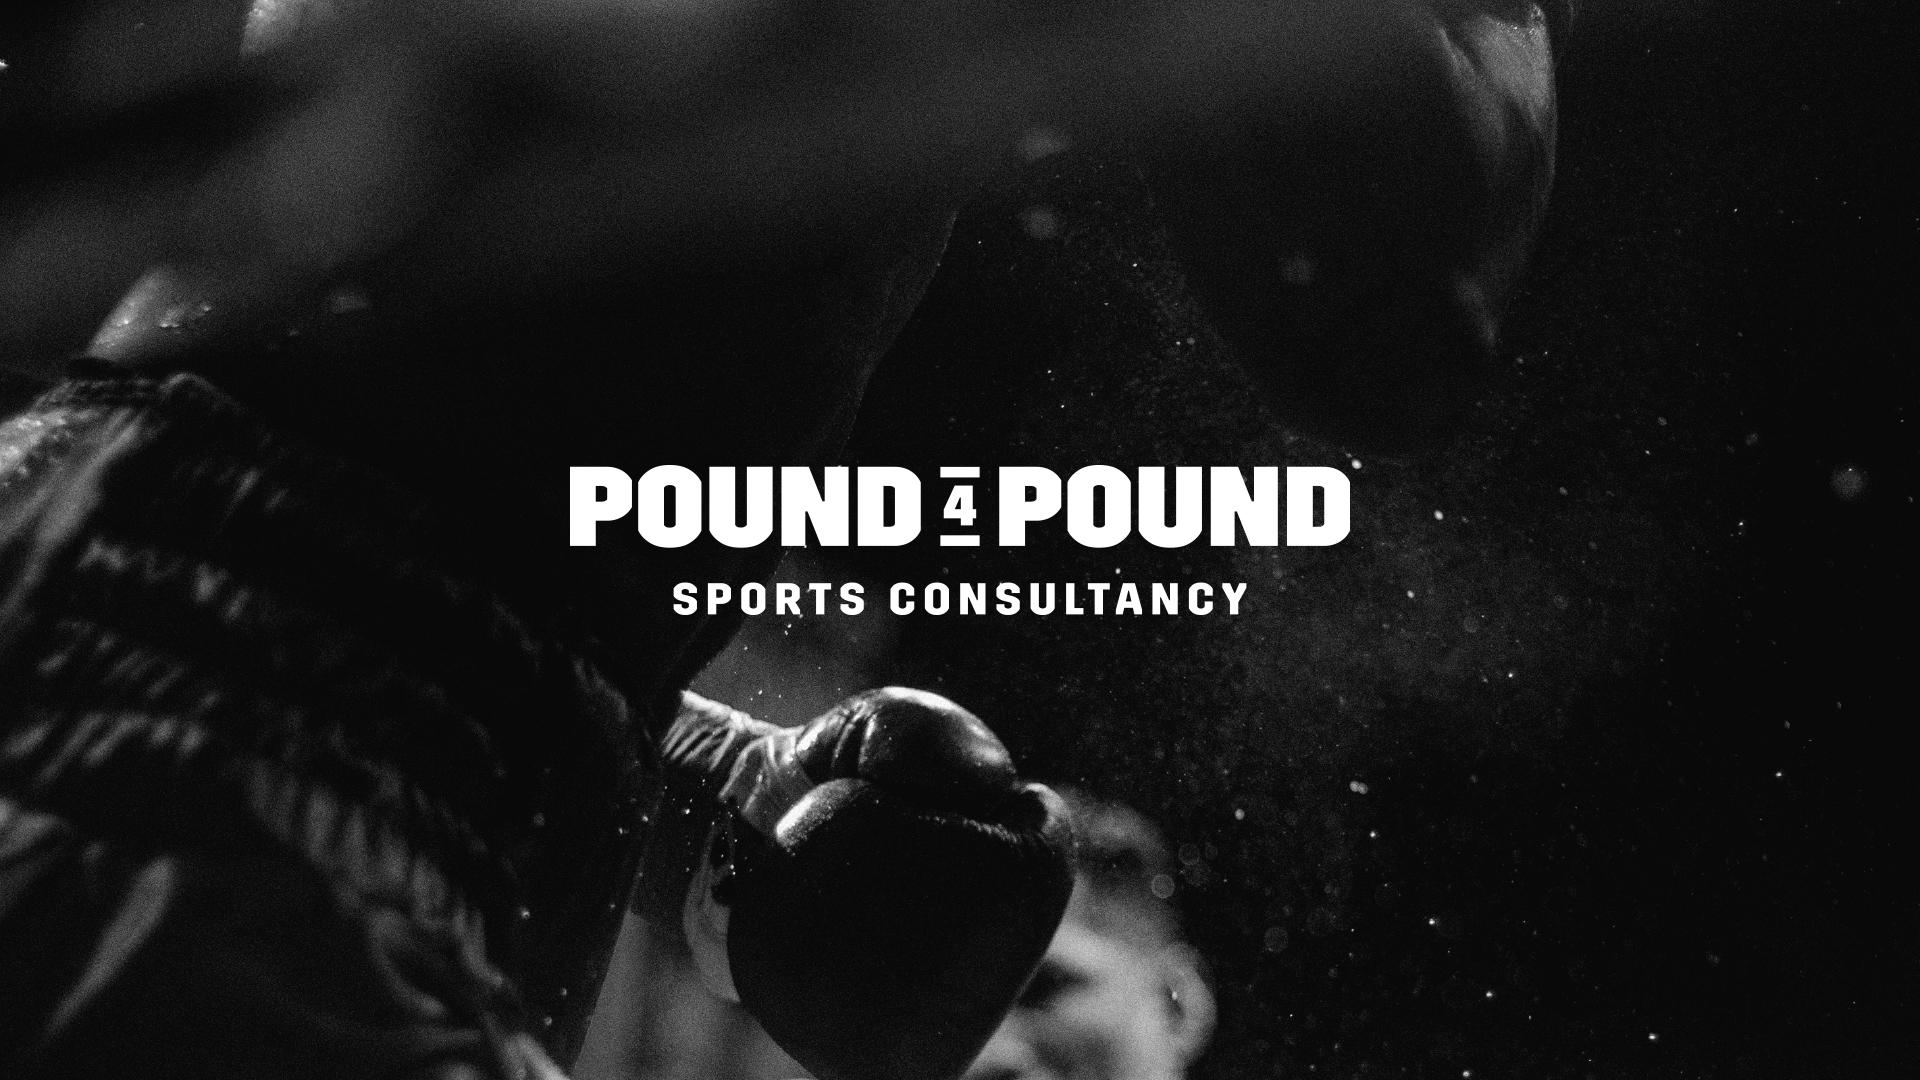 Pound4Pound_01.jpg